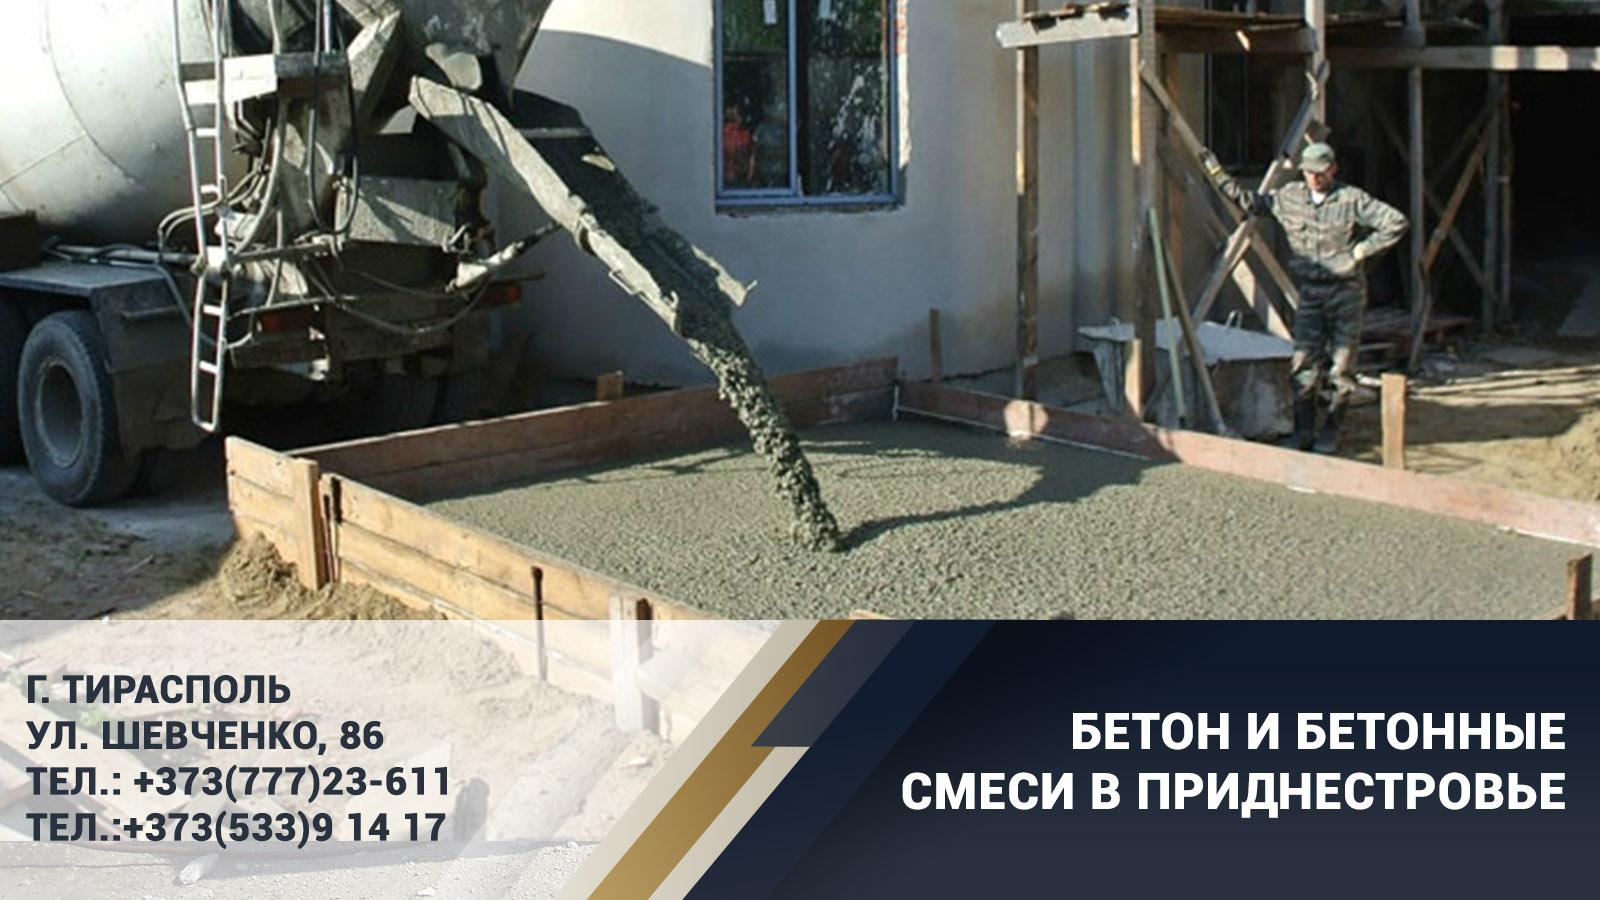 Бетон вкусный конференция бетон